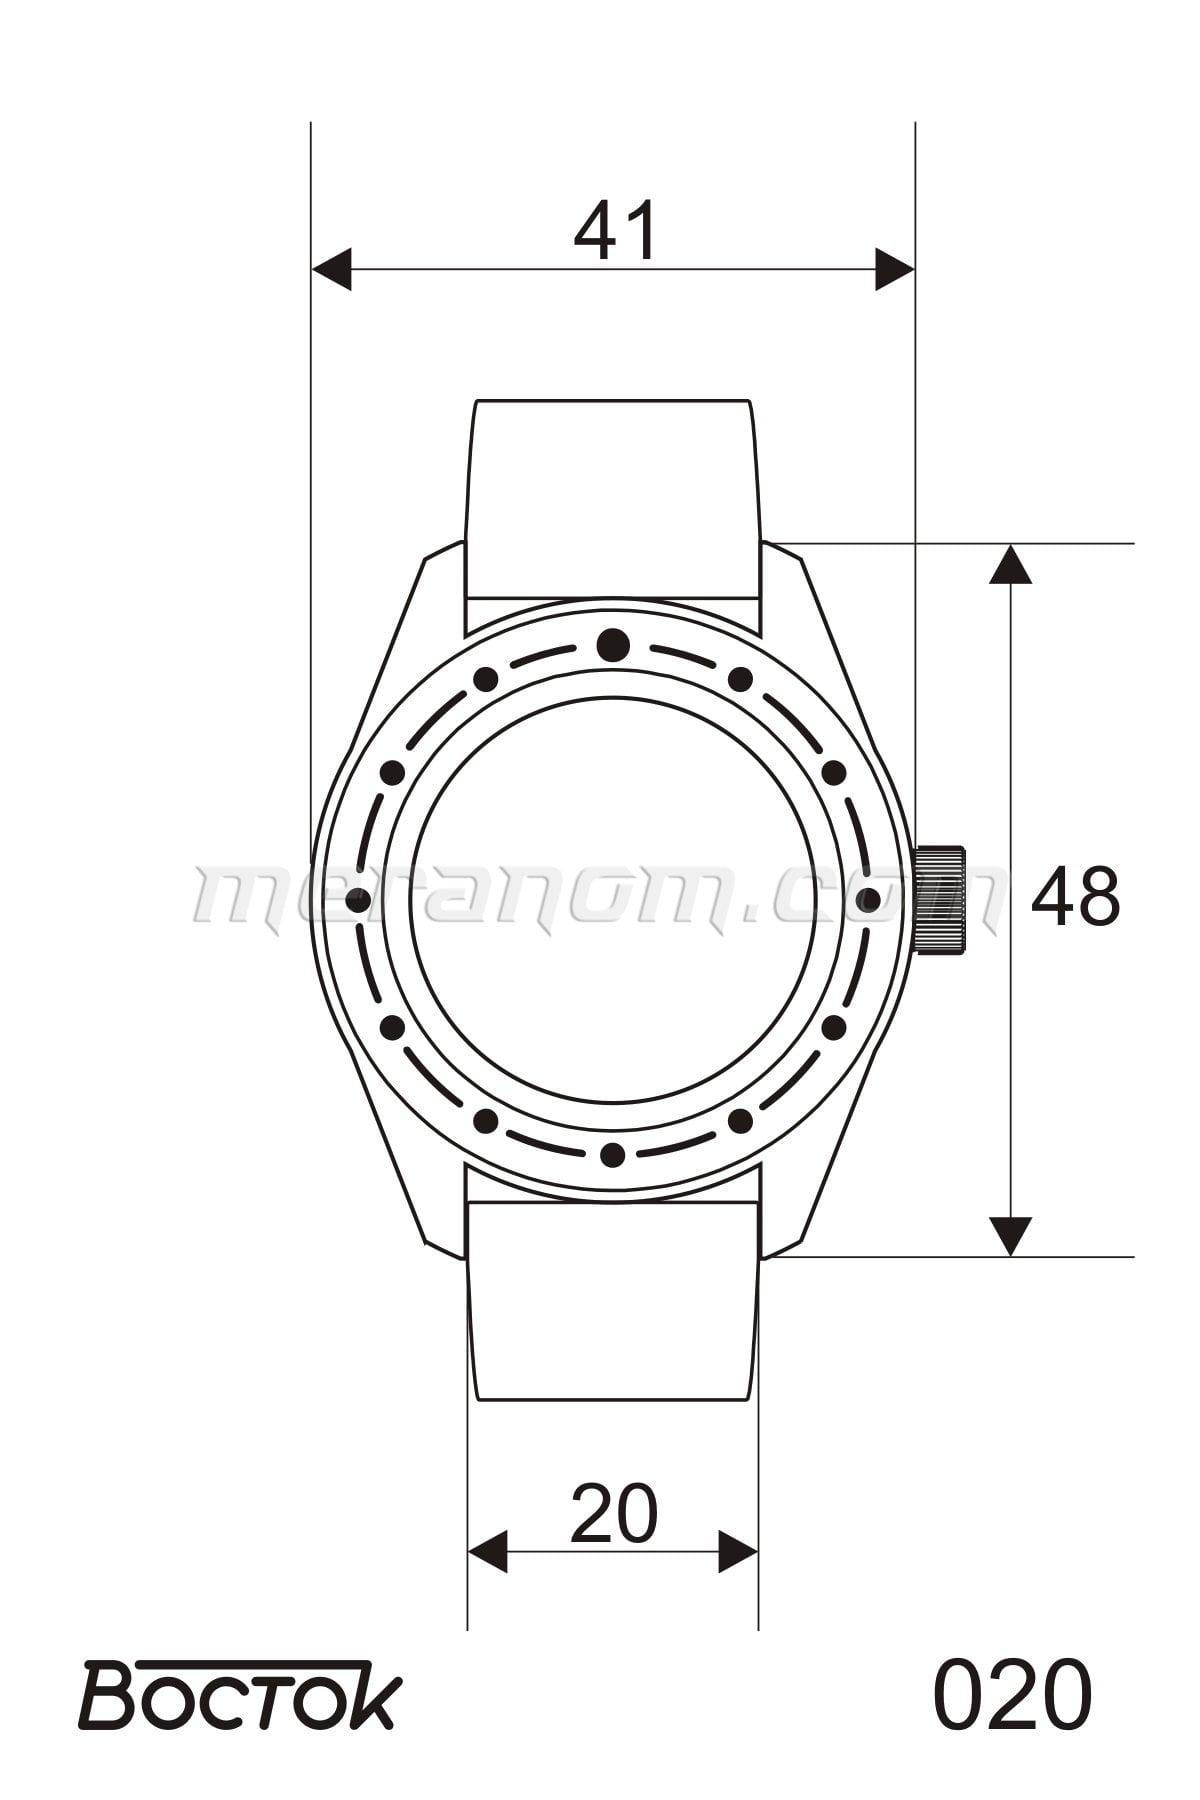 dimensions - Amphibia - Dimensions des boitiers et entrecornes  02-case-size-max-900